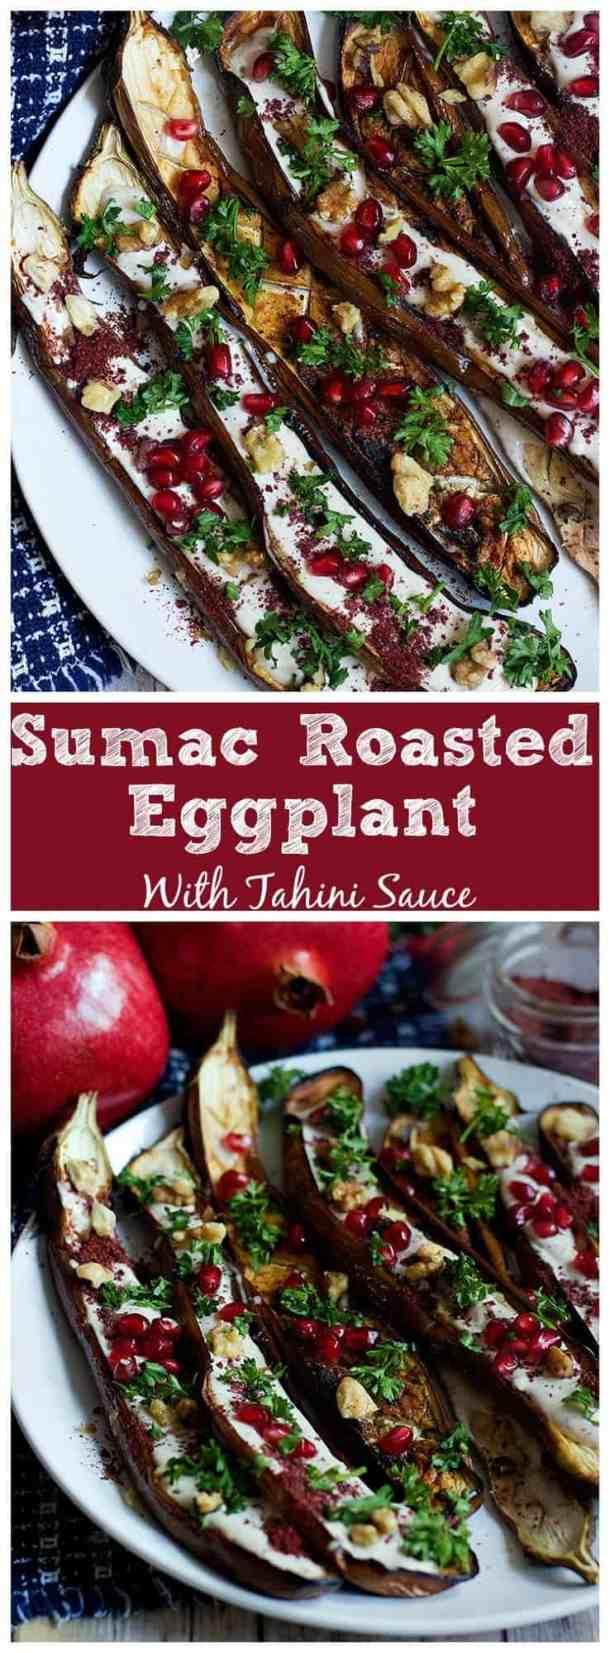 Middle Eastern Eggplant Recipe | Middle Eastern Eggplant Recipe Tahini | Middle Eastern Eggplant Recipe Dishes | Sumac Eggplant | Roasted Eggplant | Tahini Sauce | #MiddleEasternFood #PersianFood #YaldaNight